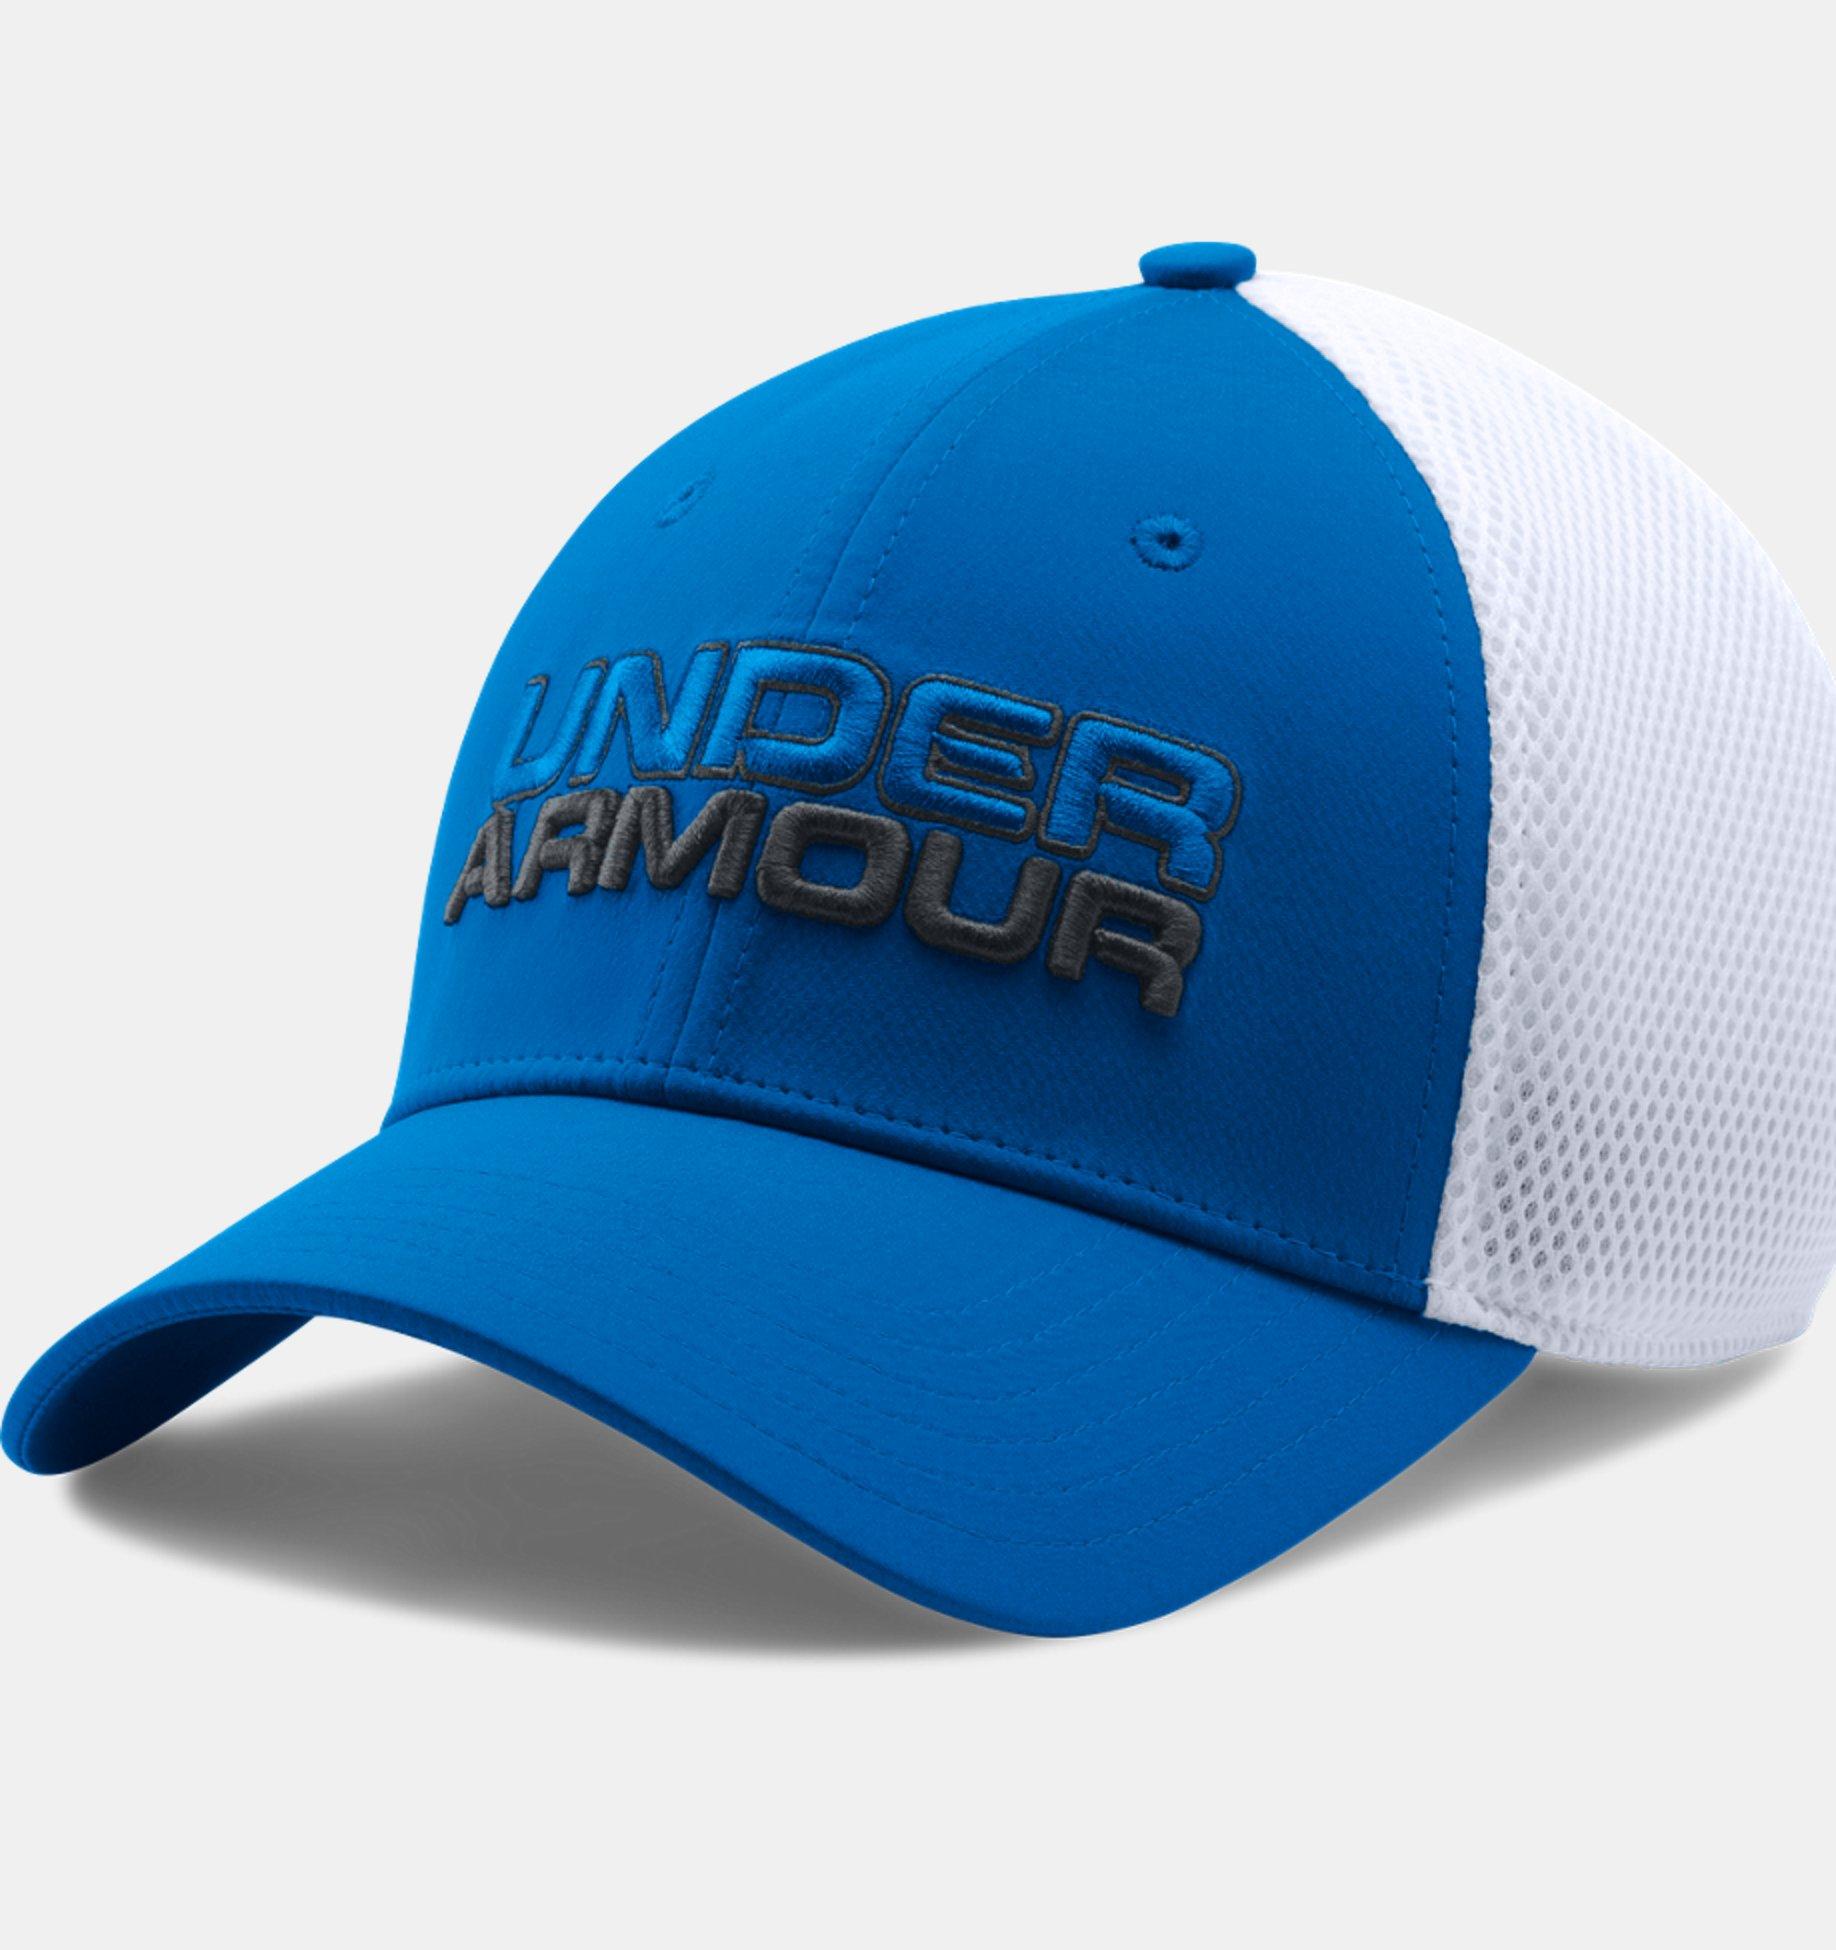 Under Armour Sportstyle Mesh Cap modrá biela  a7bc8cef0de